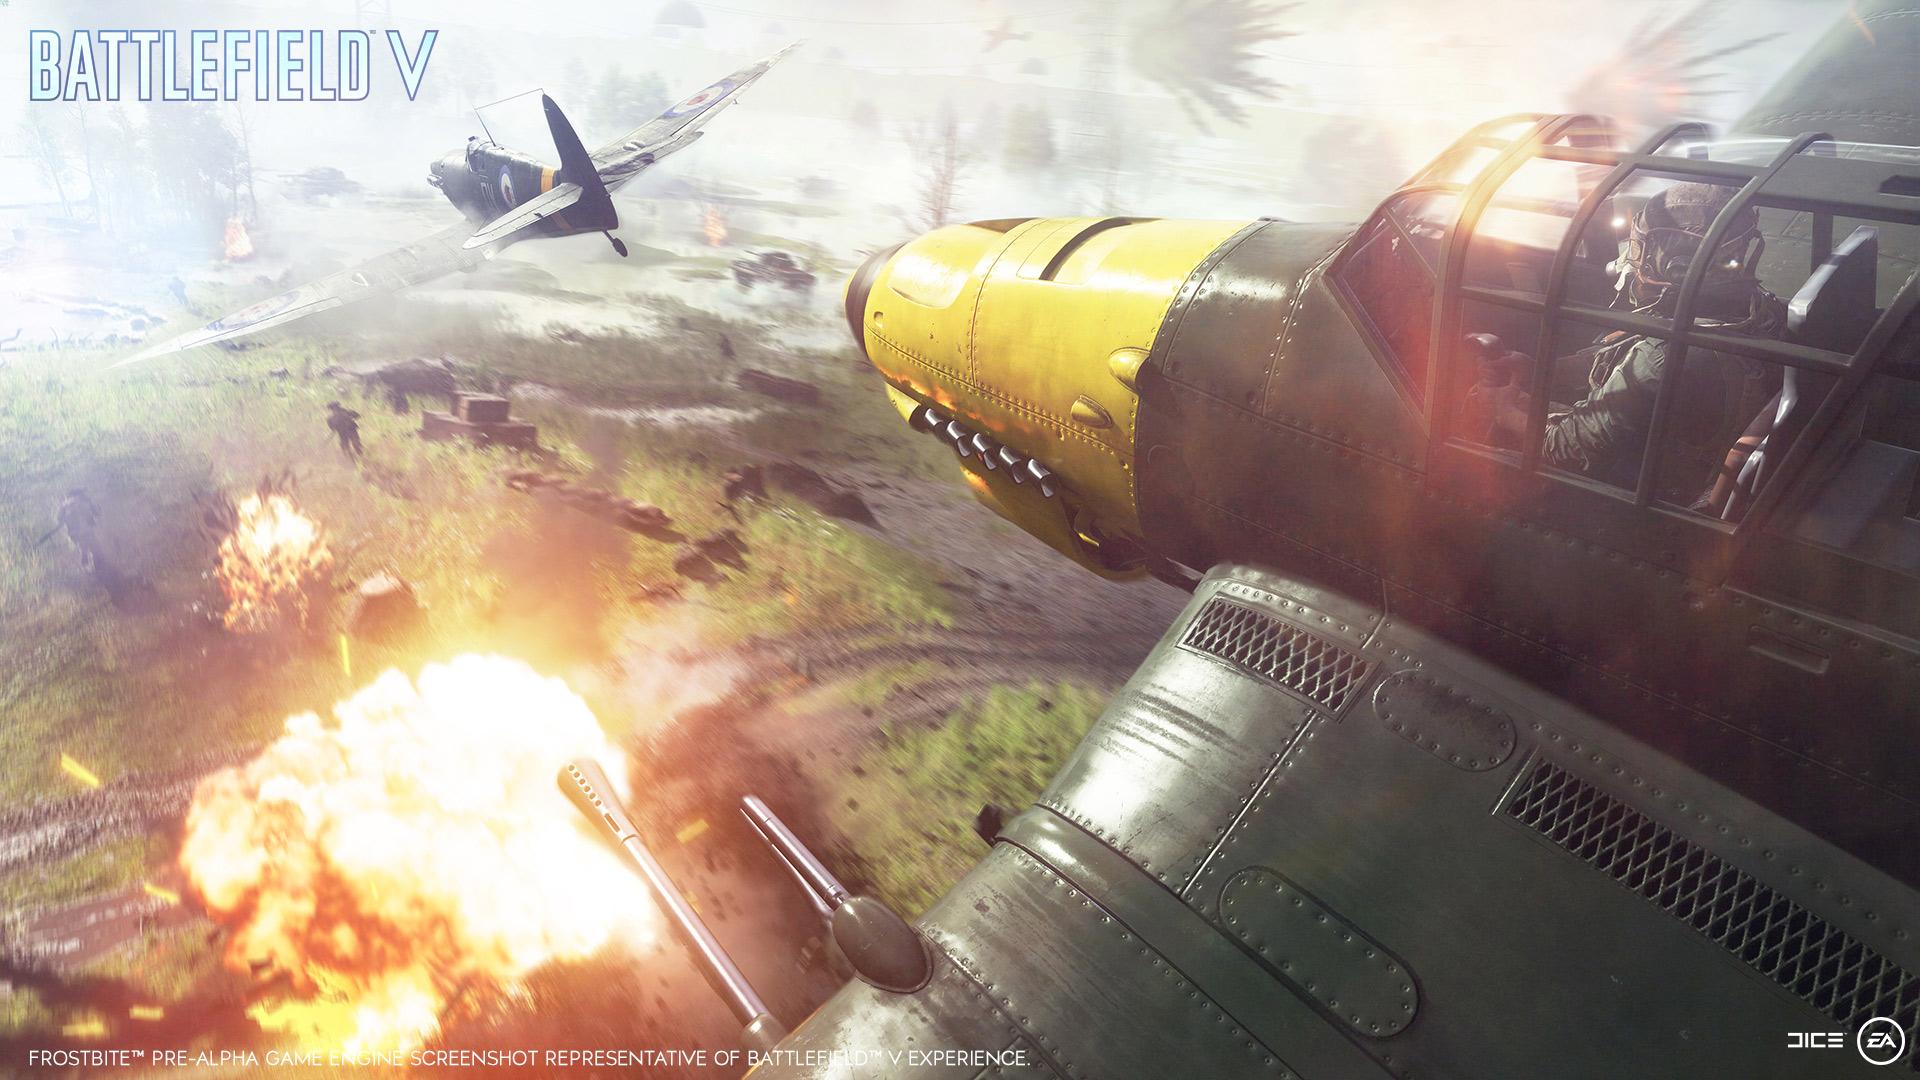 Battlefield V Reveal Trailer Blog Image 3